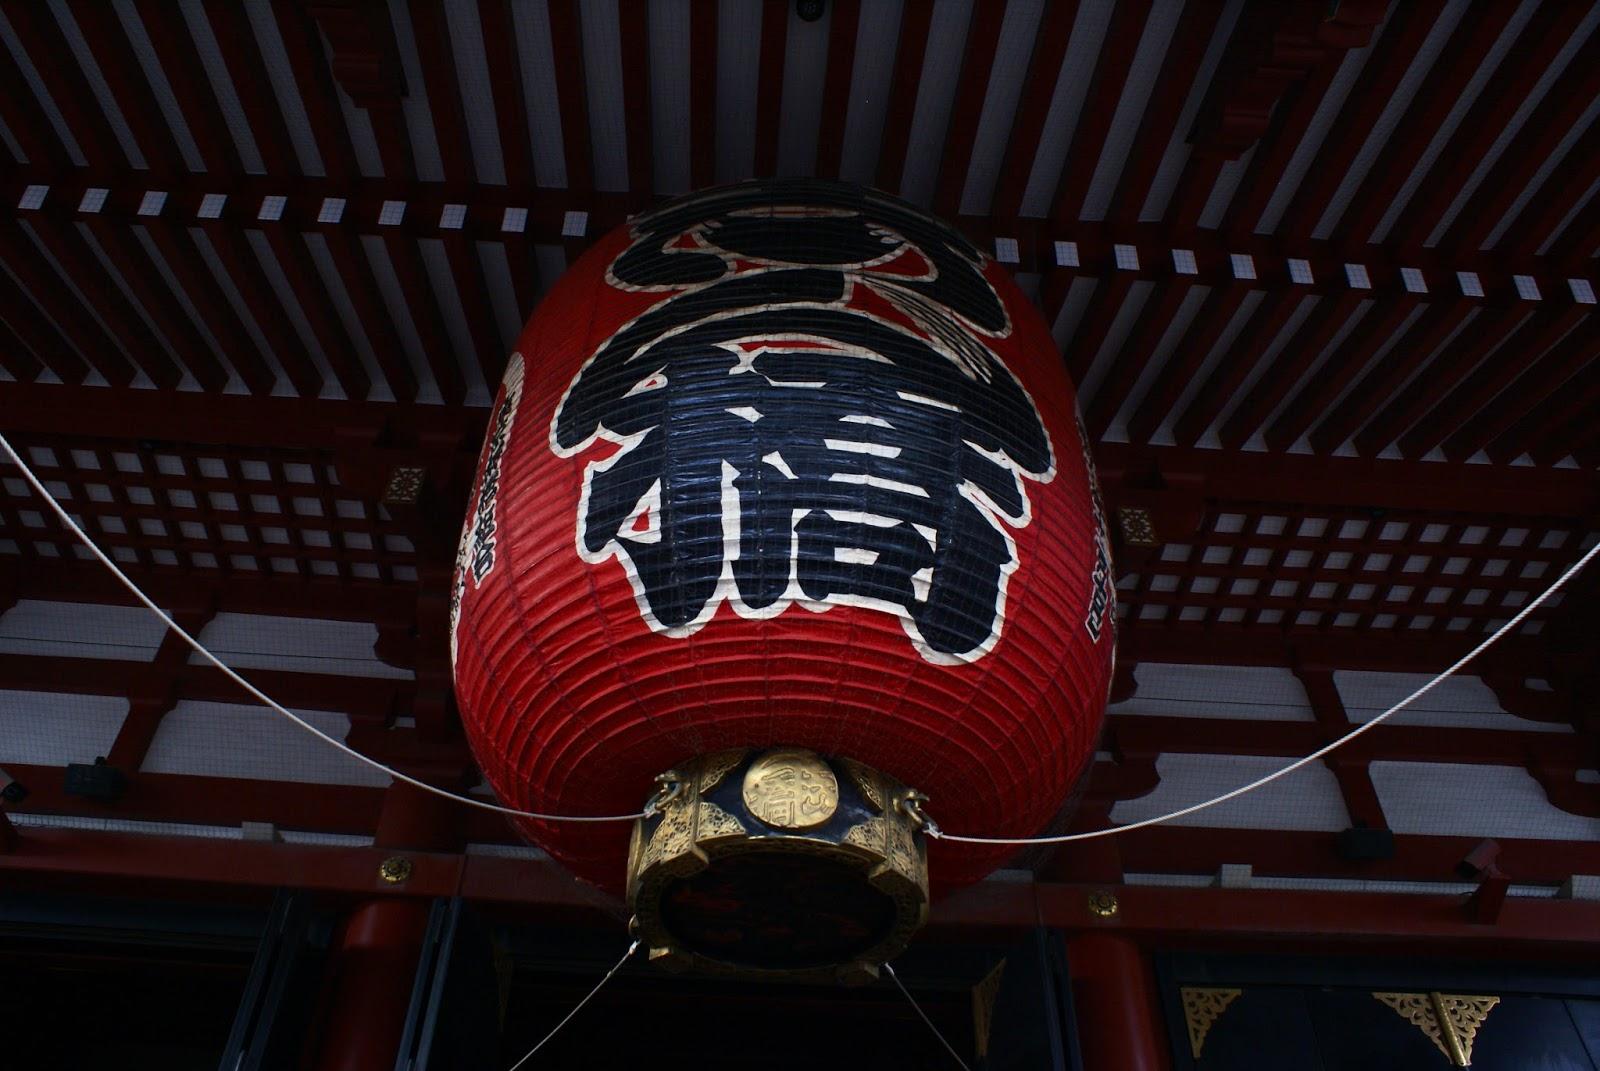 lantern asakusa senso-ji tokyo japan